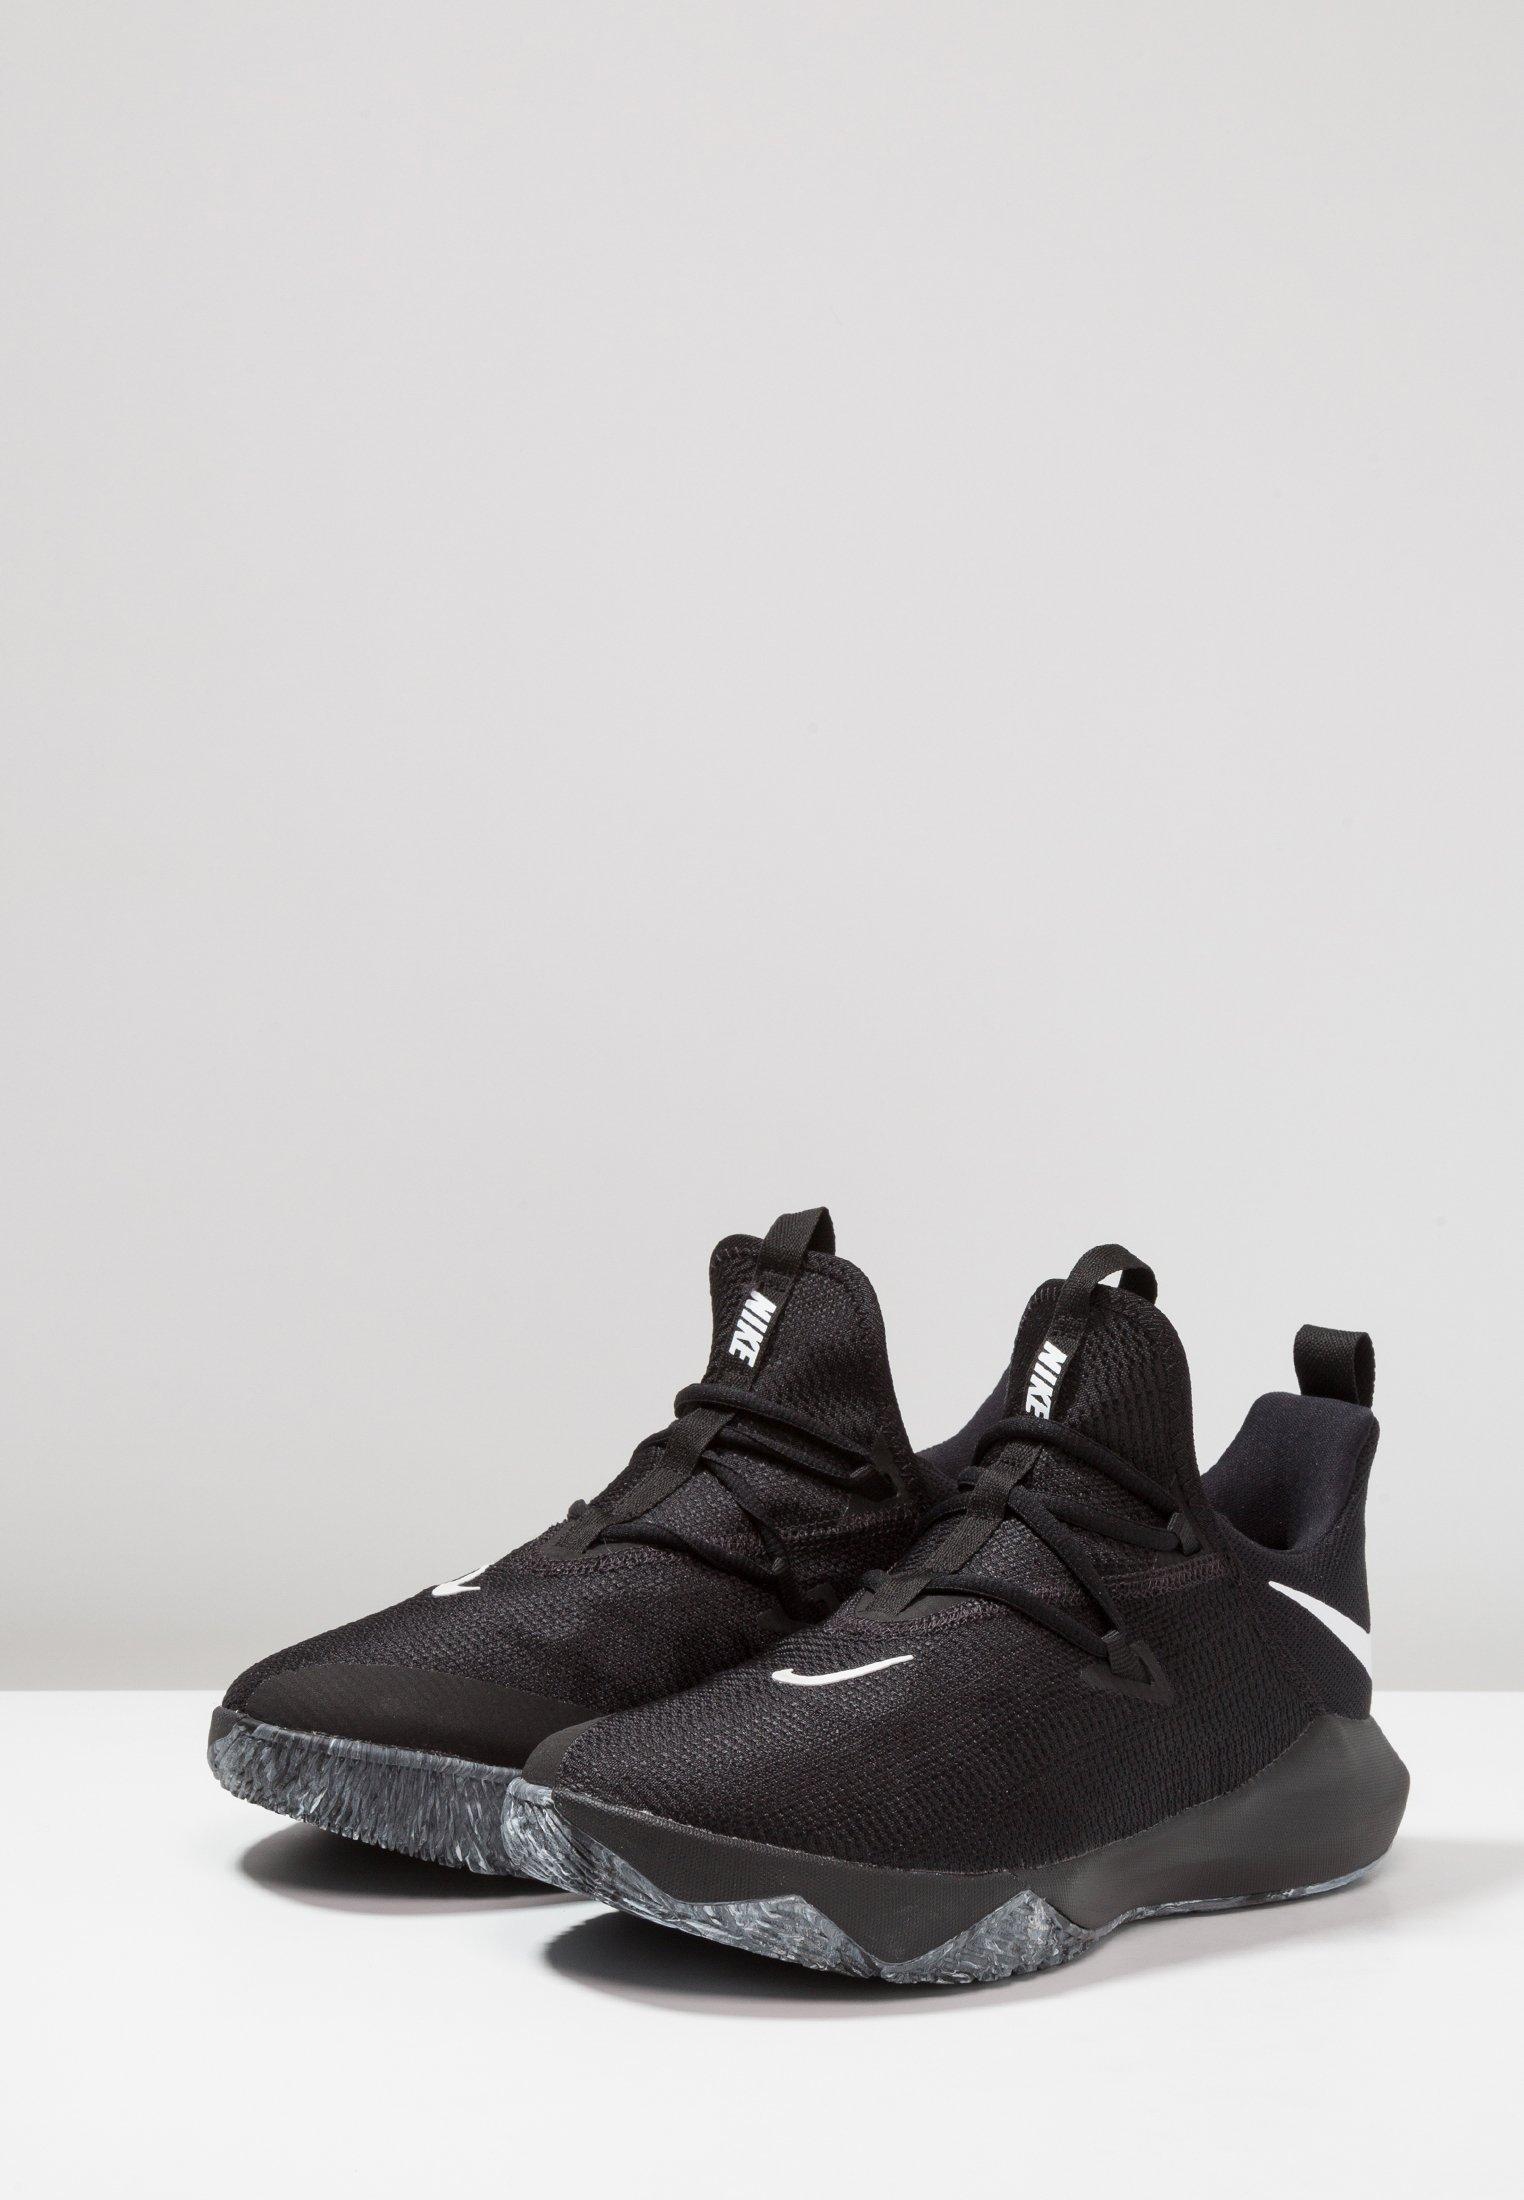 Nike Silver 2Chaussures Black white Zoom De Performance Shift Basket metallic rdCxBtshQ